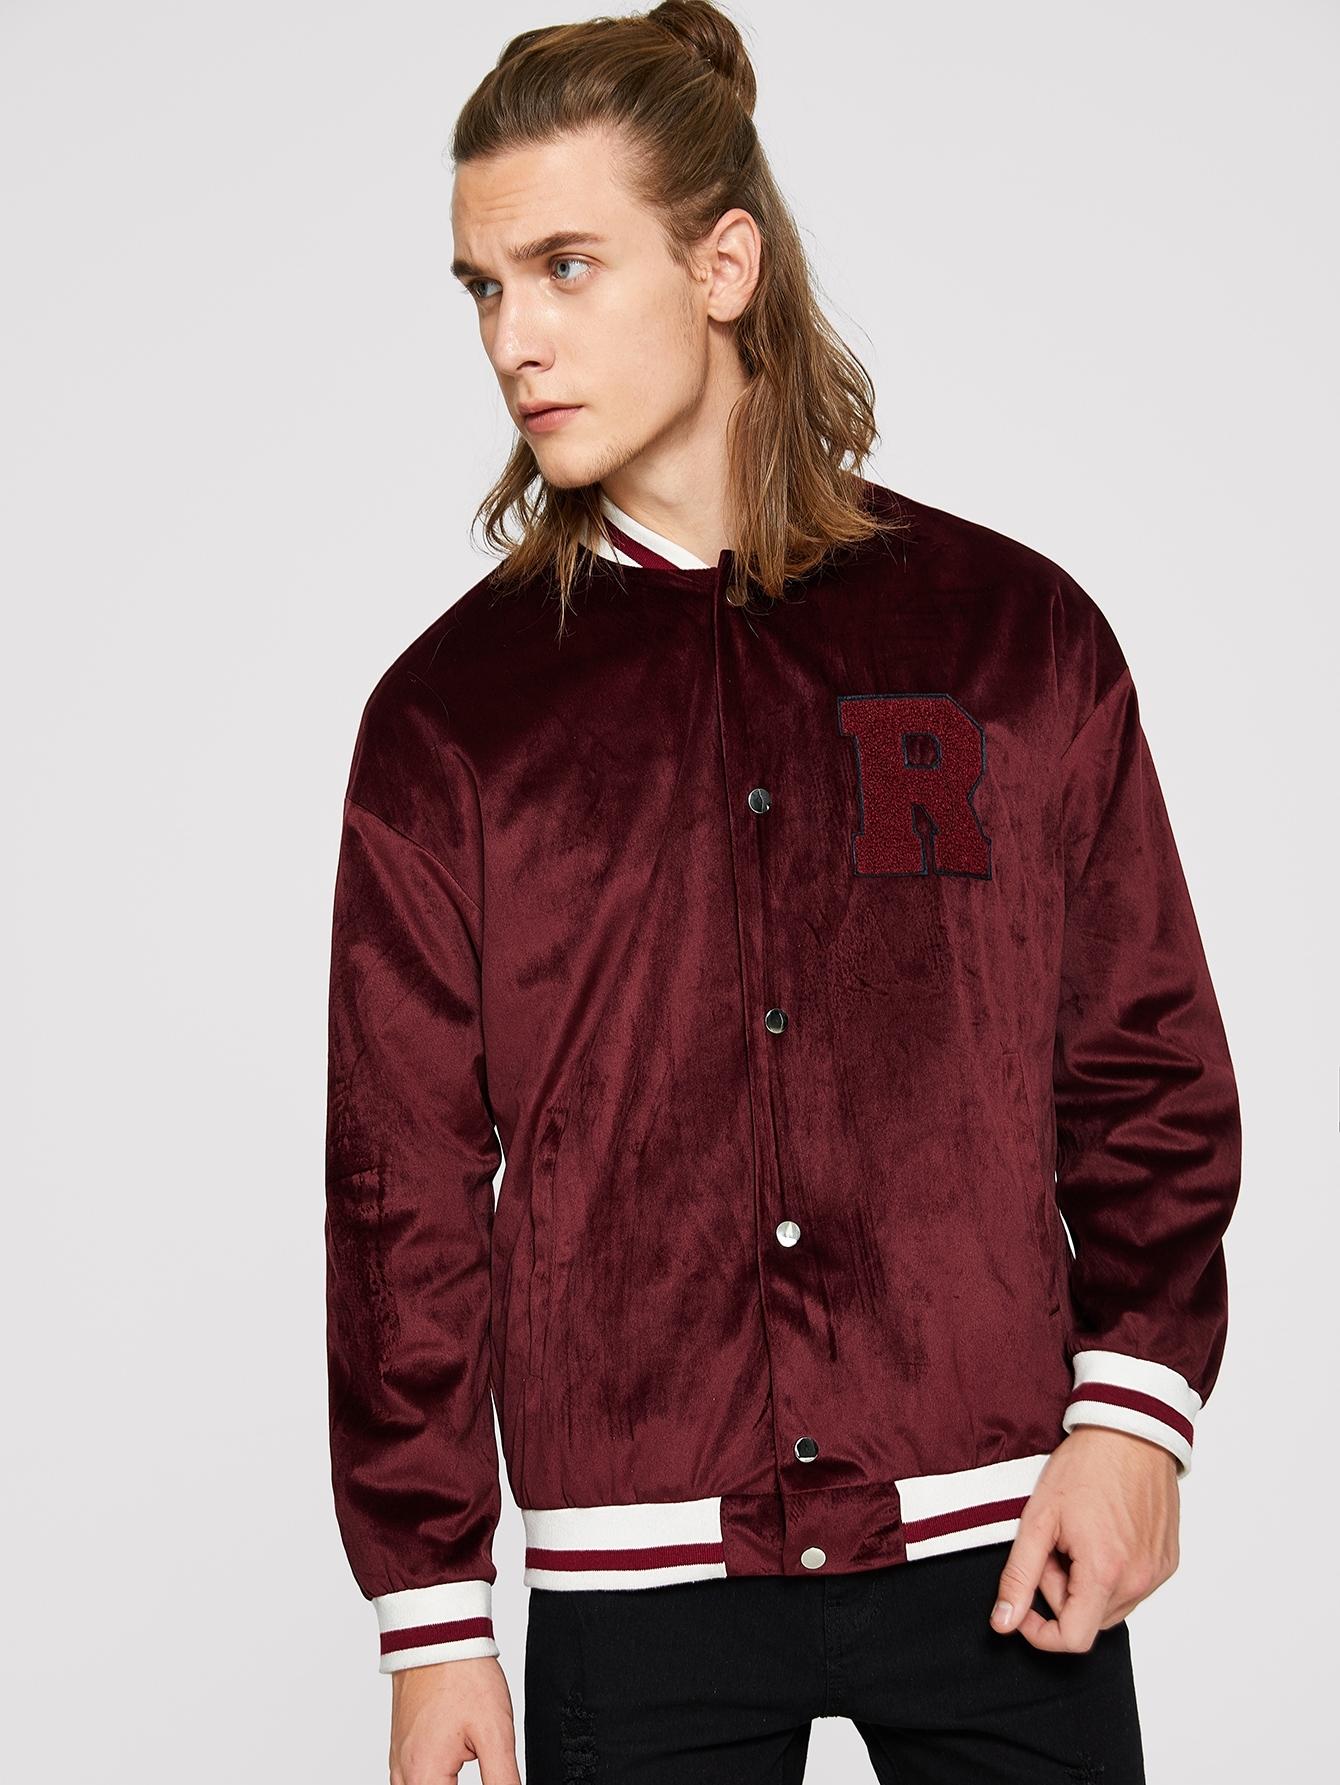 Купить Мужская куртка с текстовым принтом, EGOR, SheIn